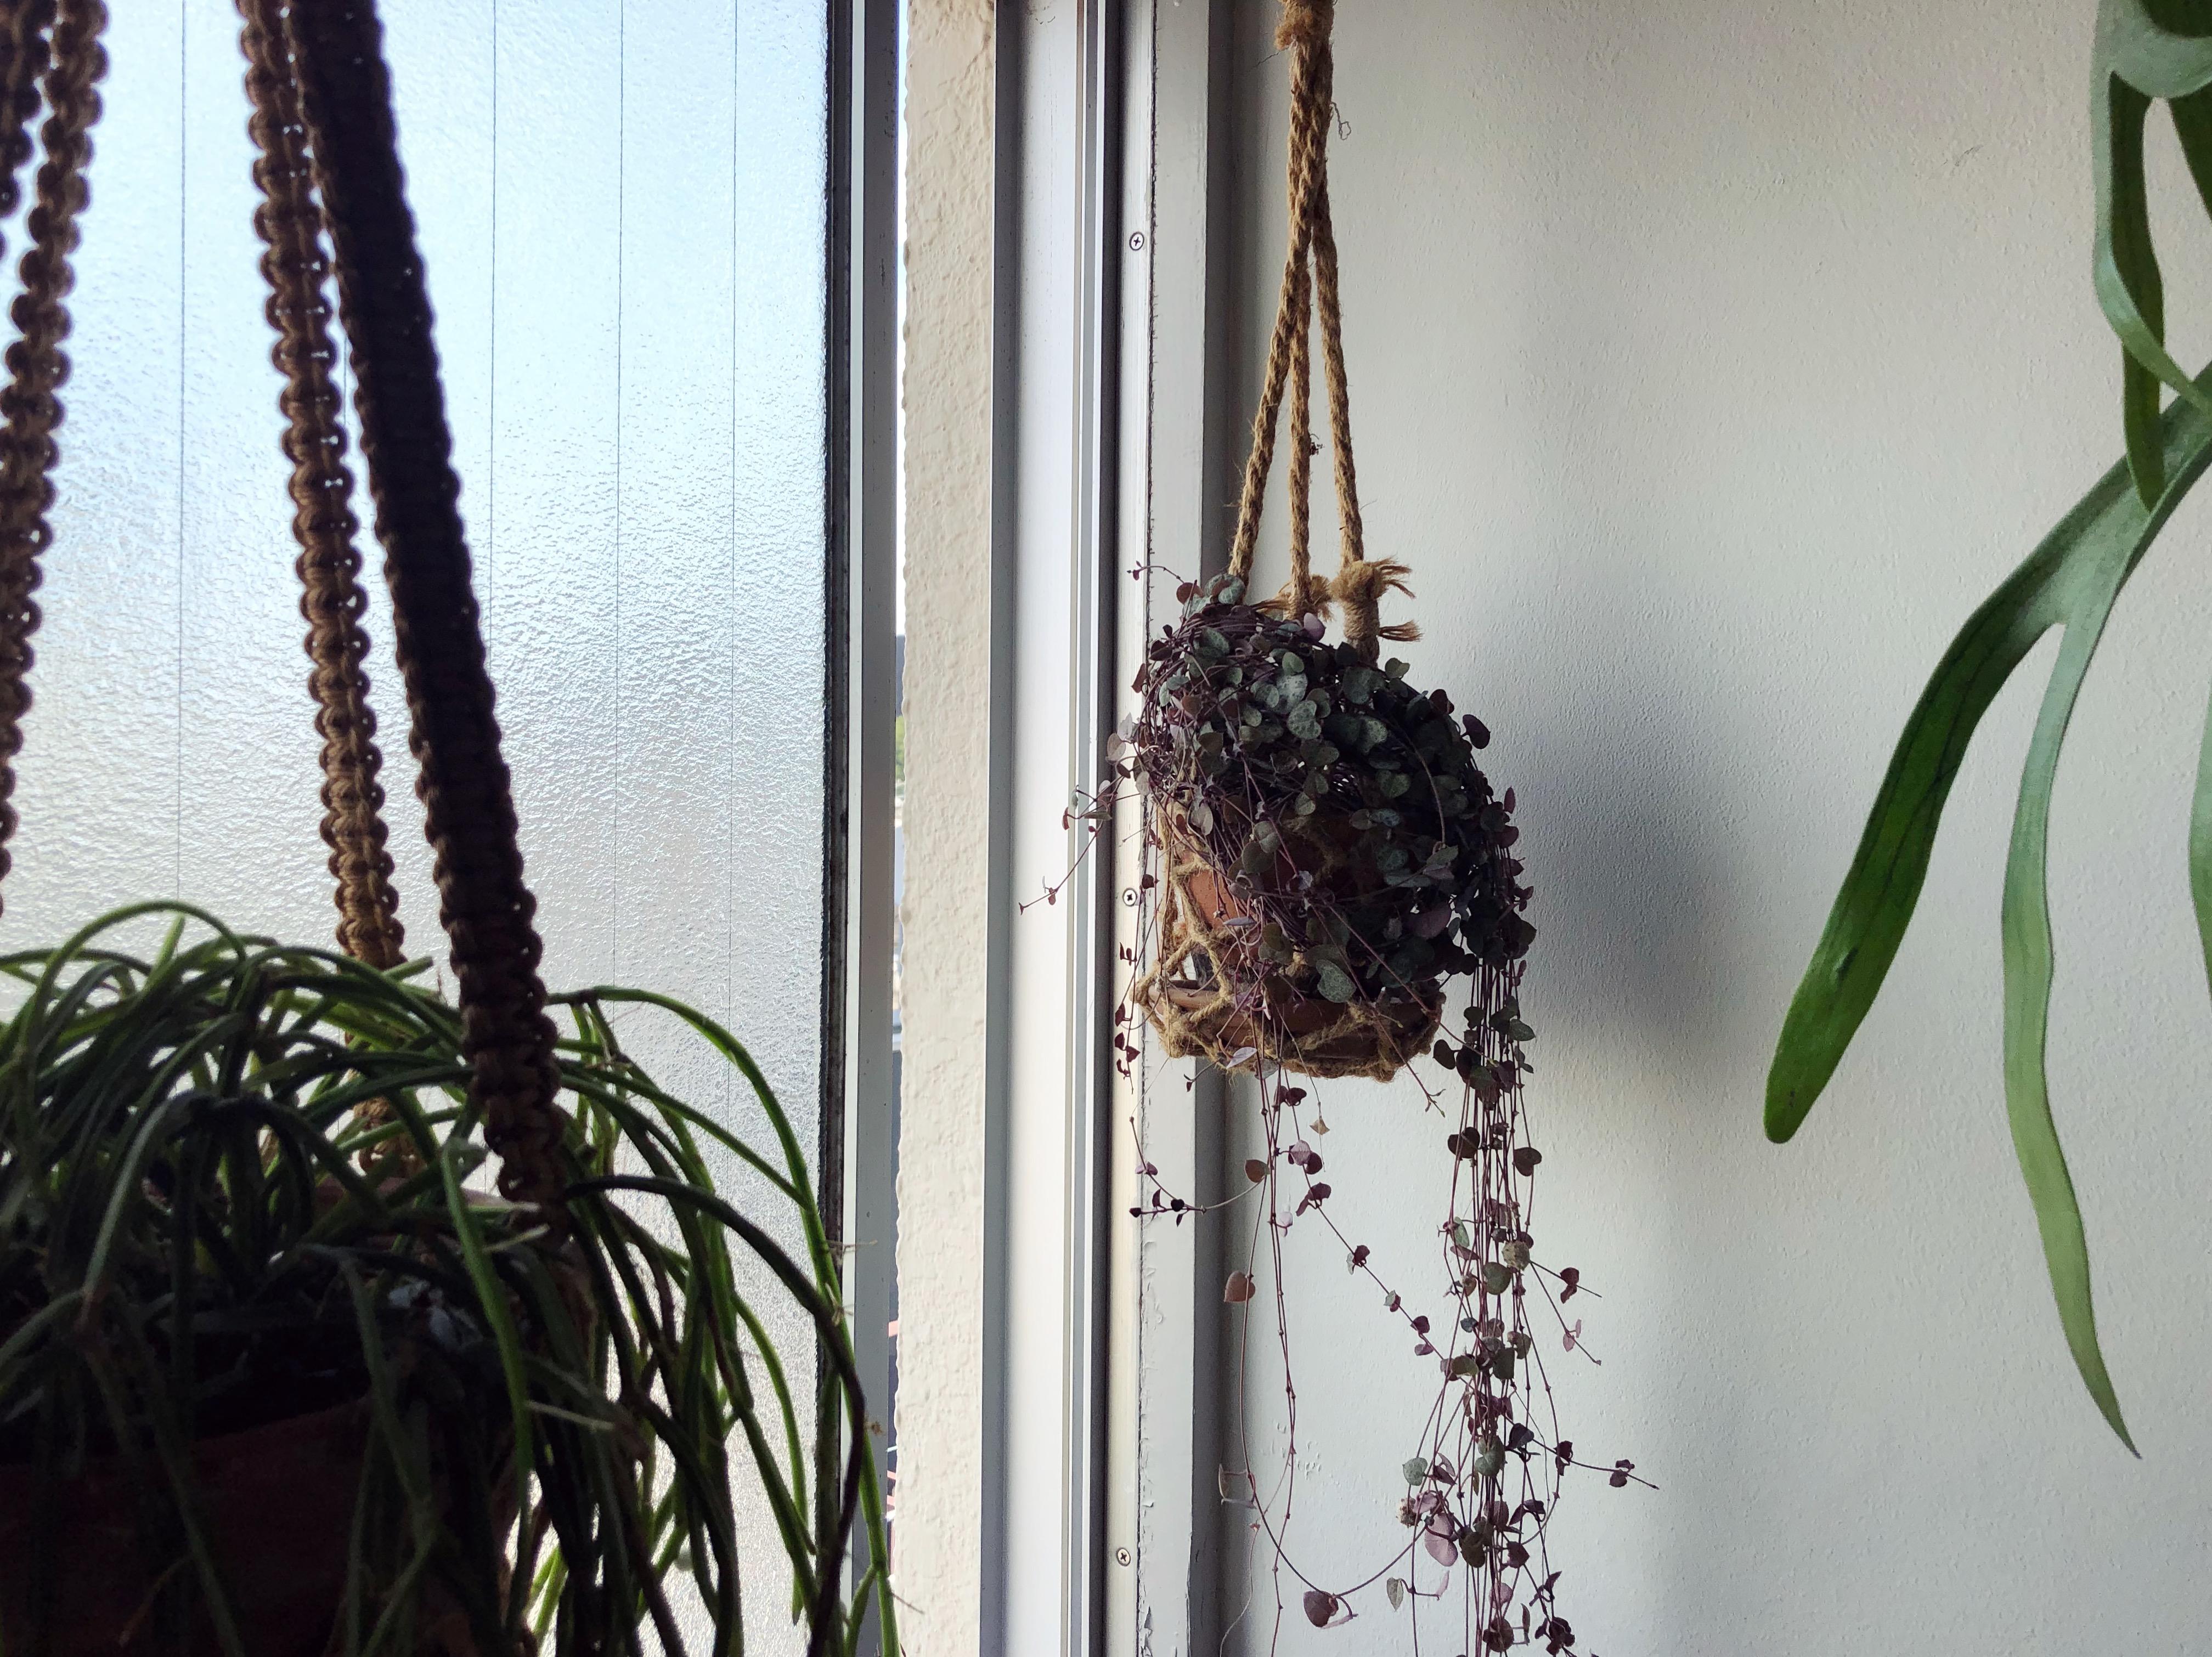 【ハンギングにおすすめの植物】ハートカズラ